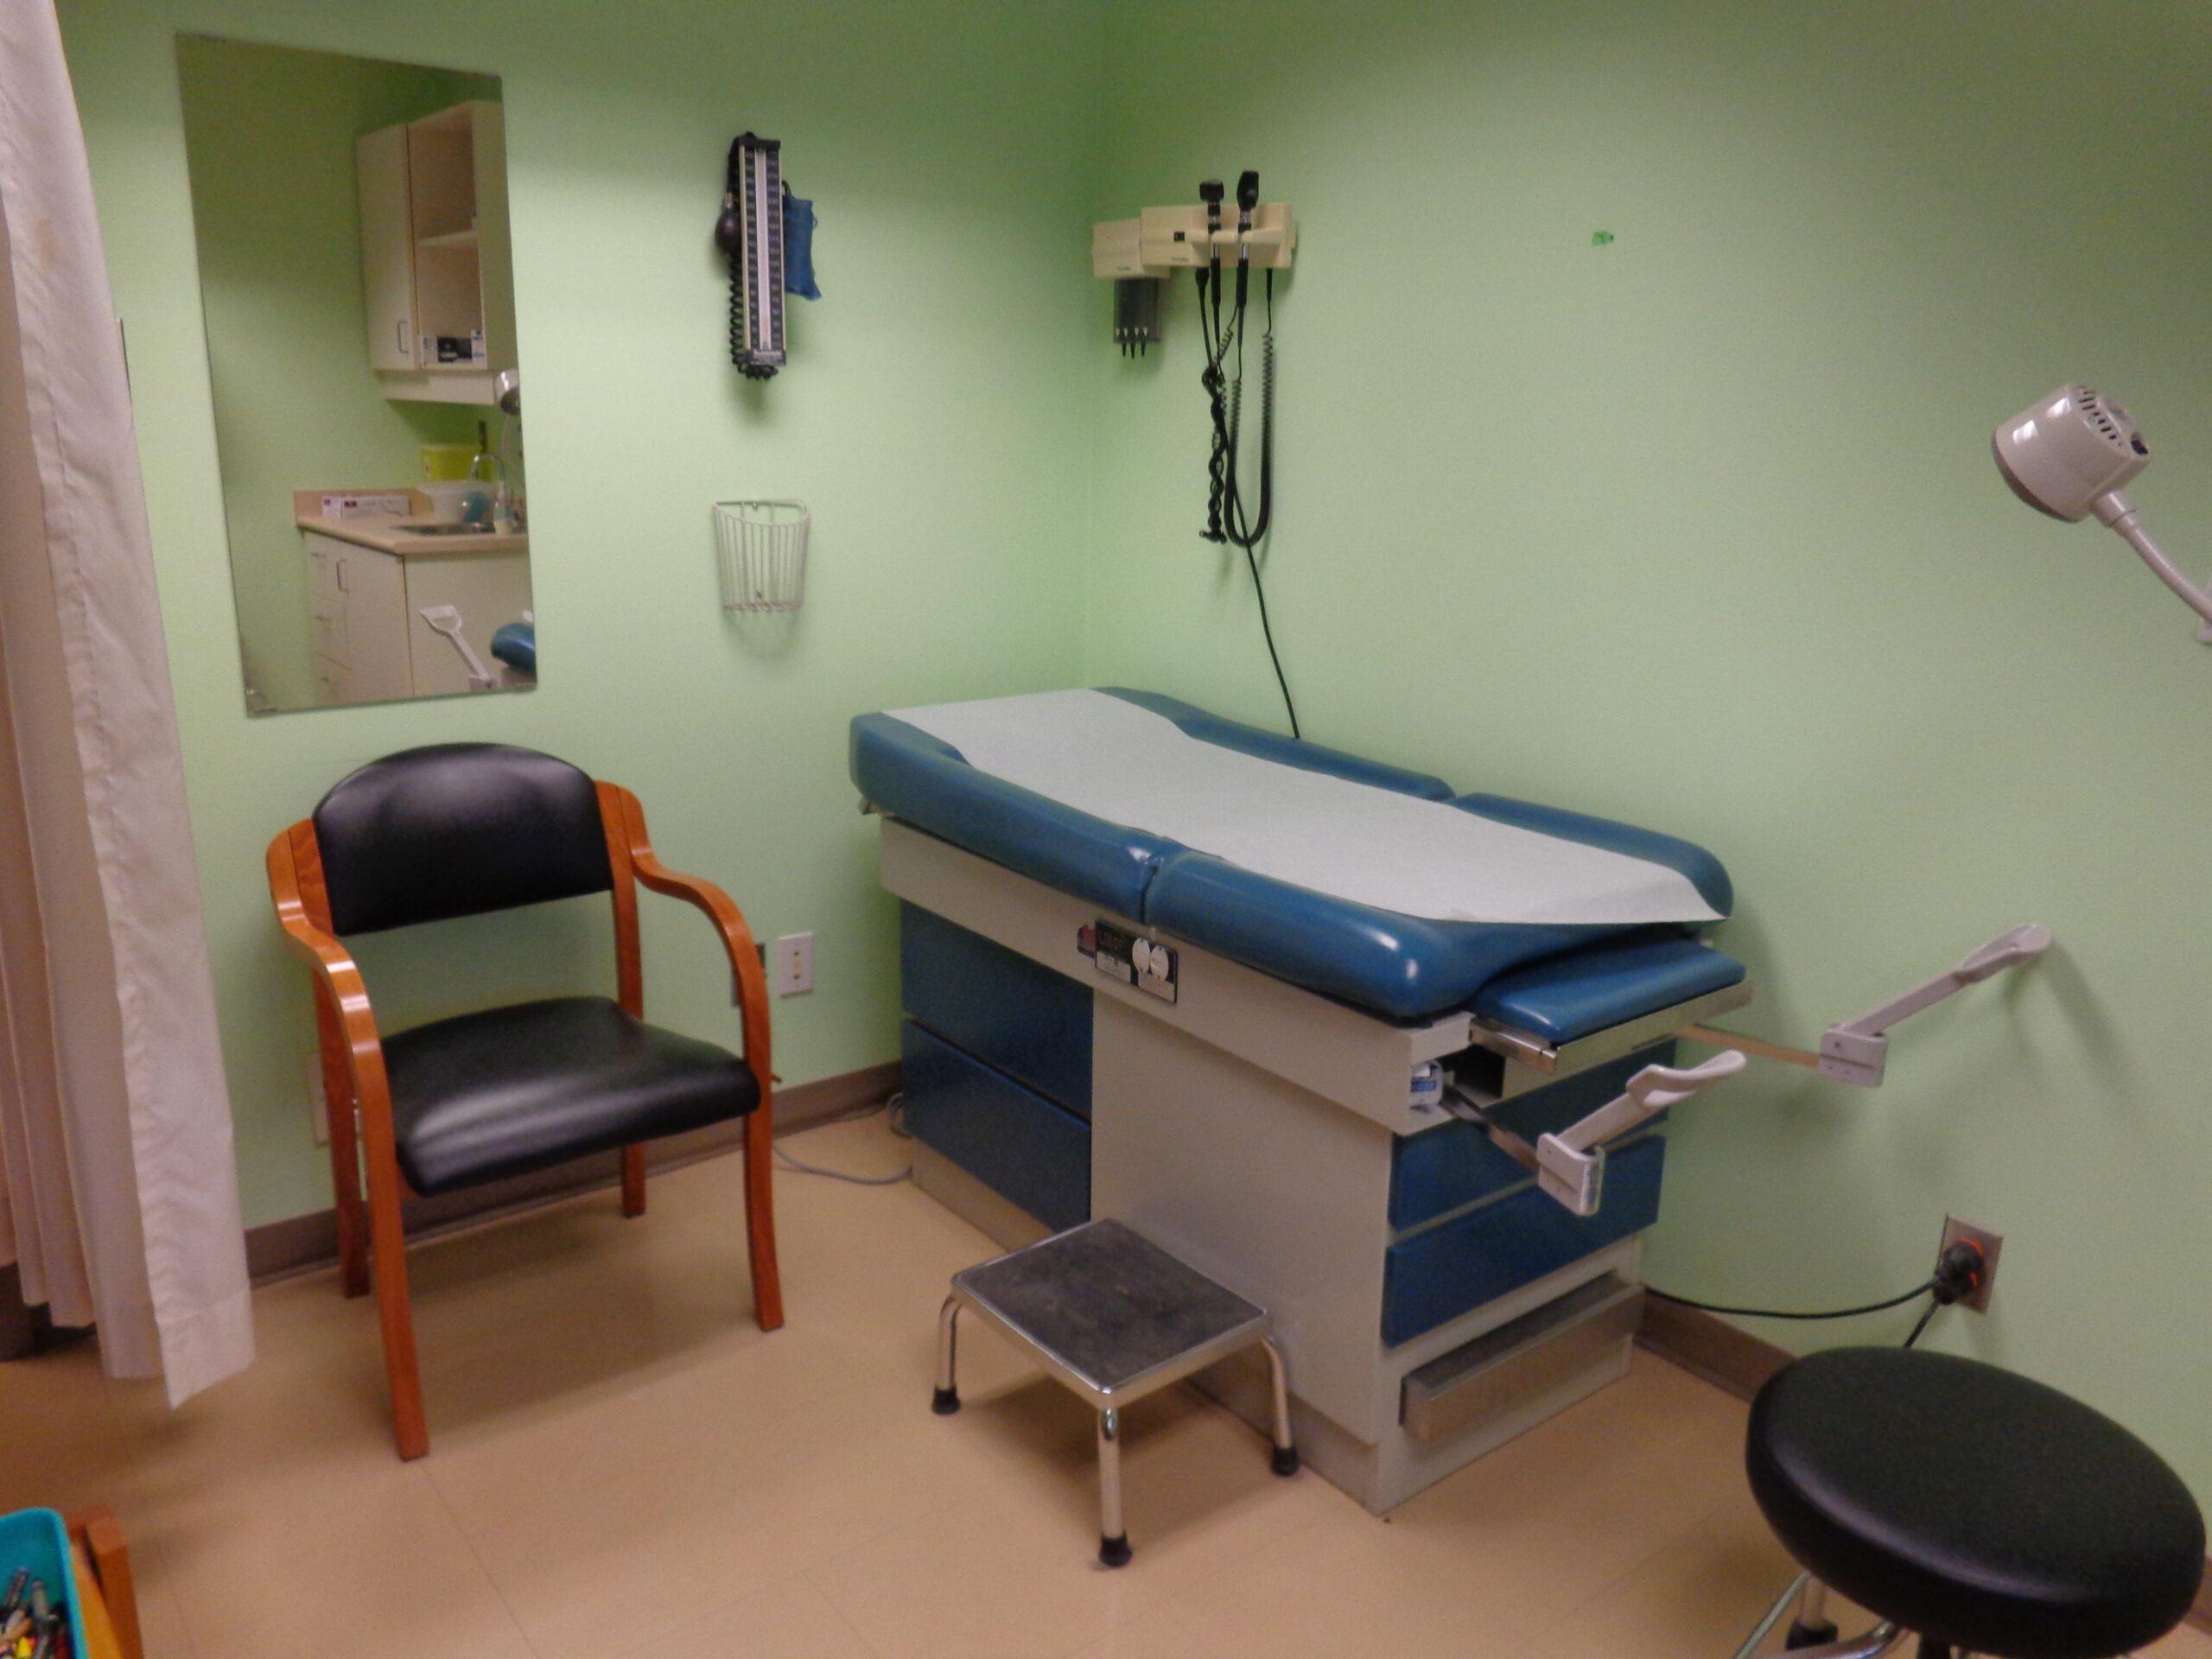 Doctors exam room